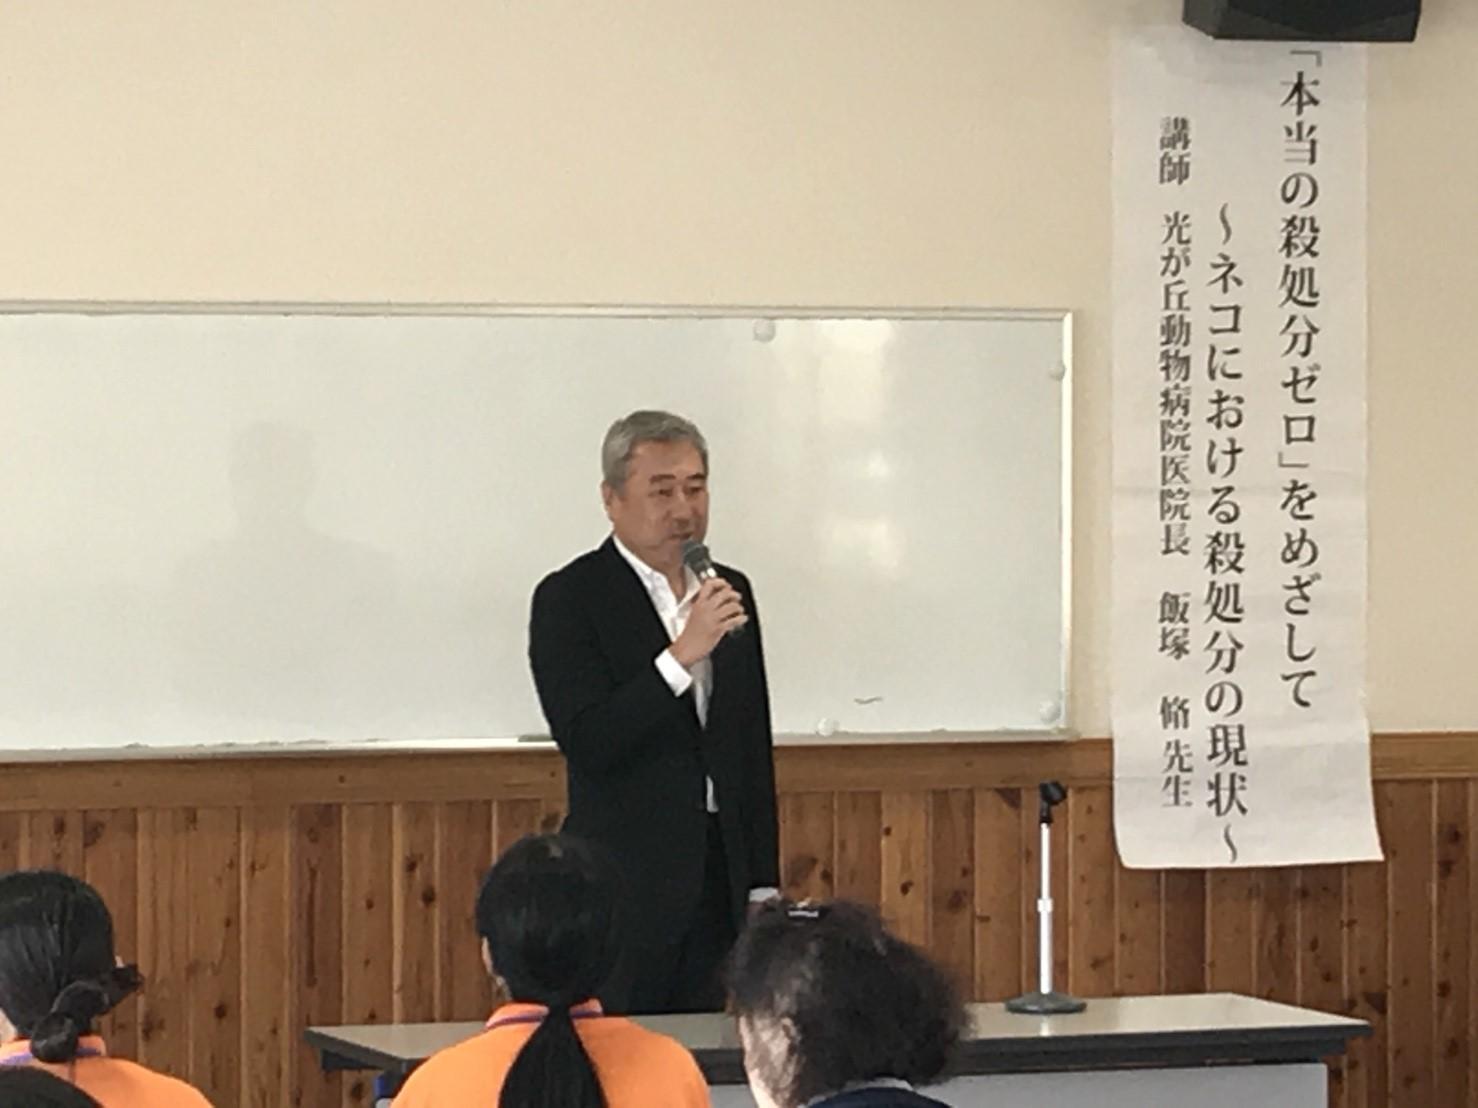 光が丘動物病院麻布クリニック2017jaws軽井沢.jpg